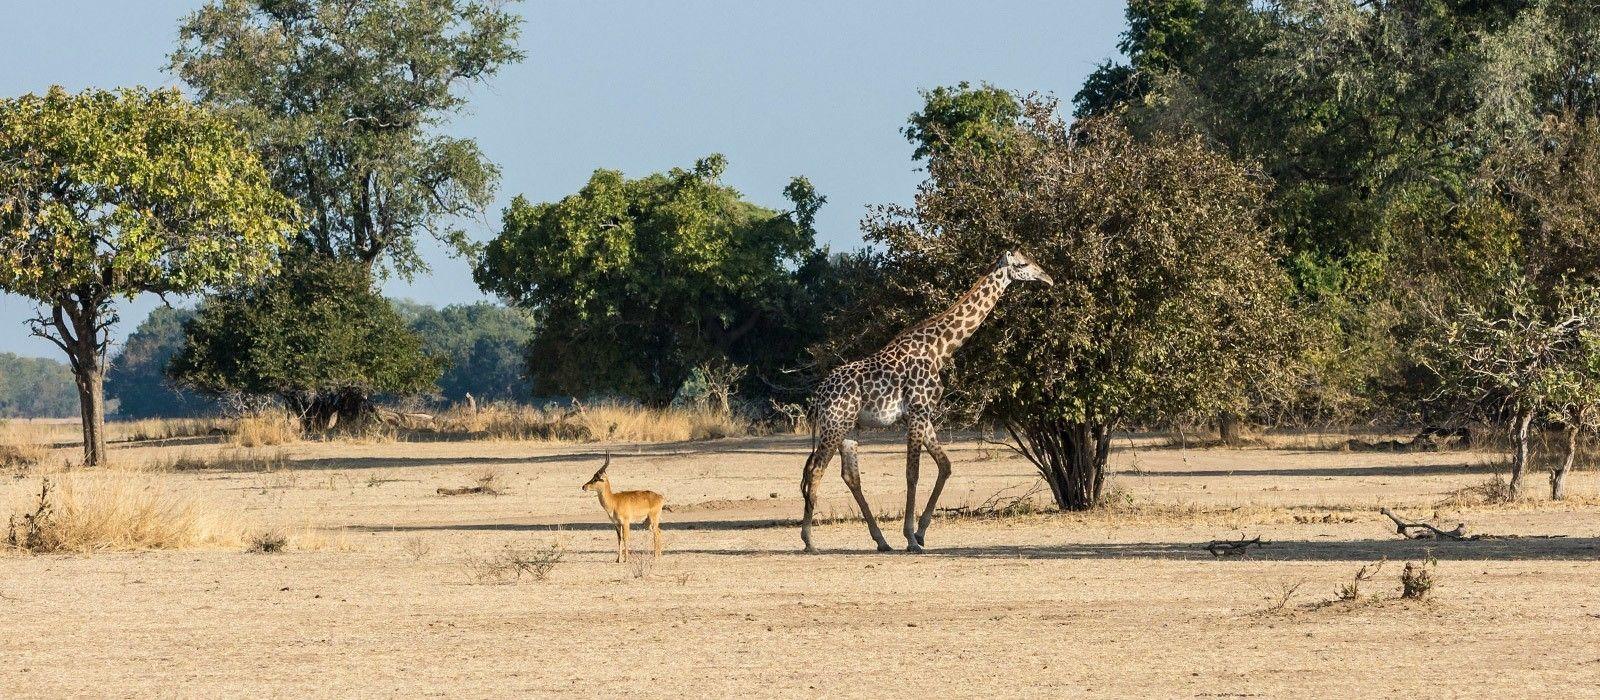 Zambia: Victoria Falls and Safari Highlights Tour Trip 3